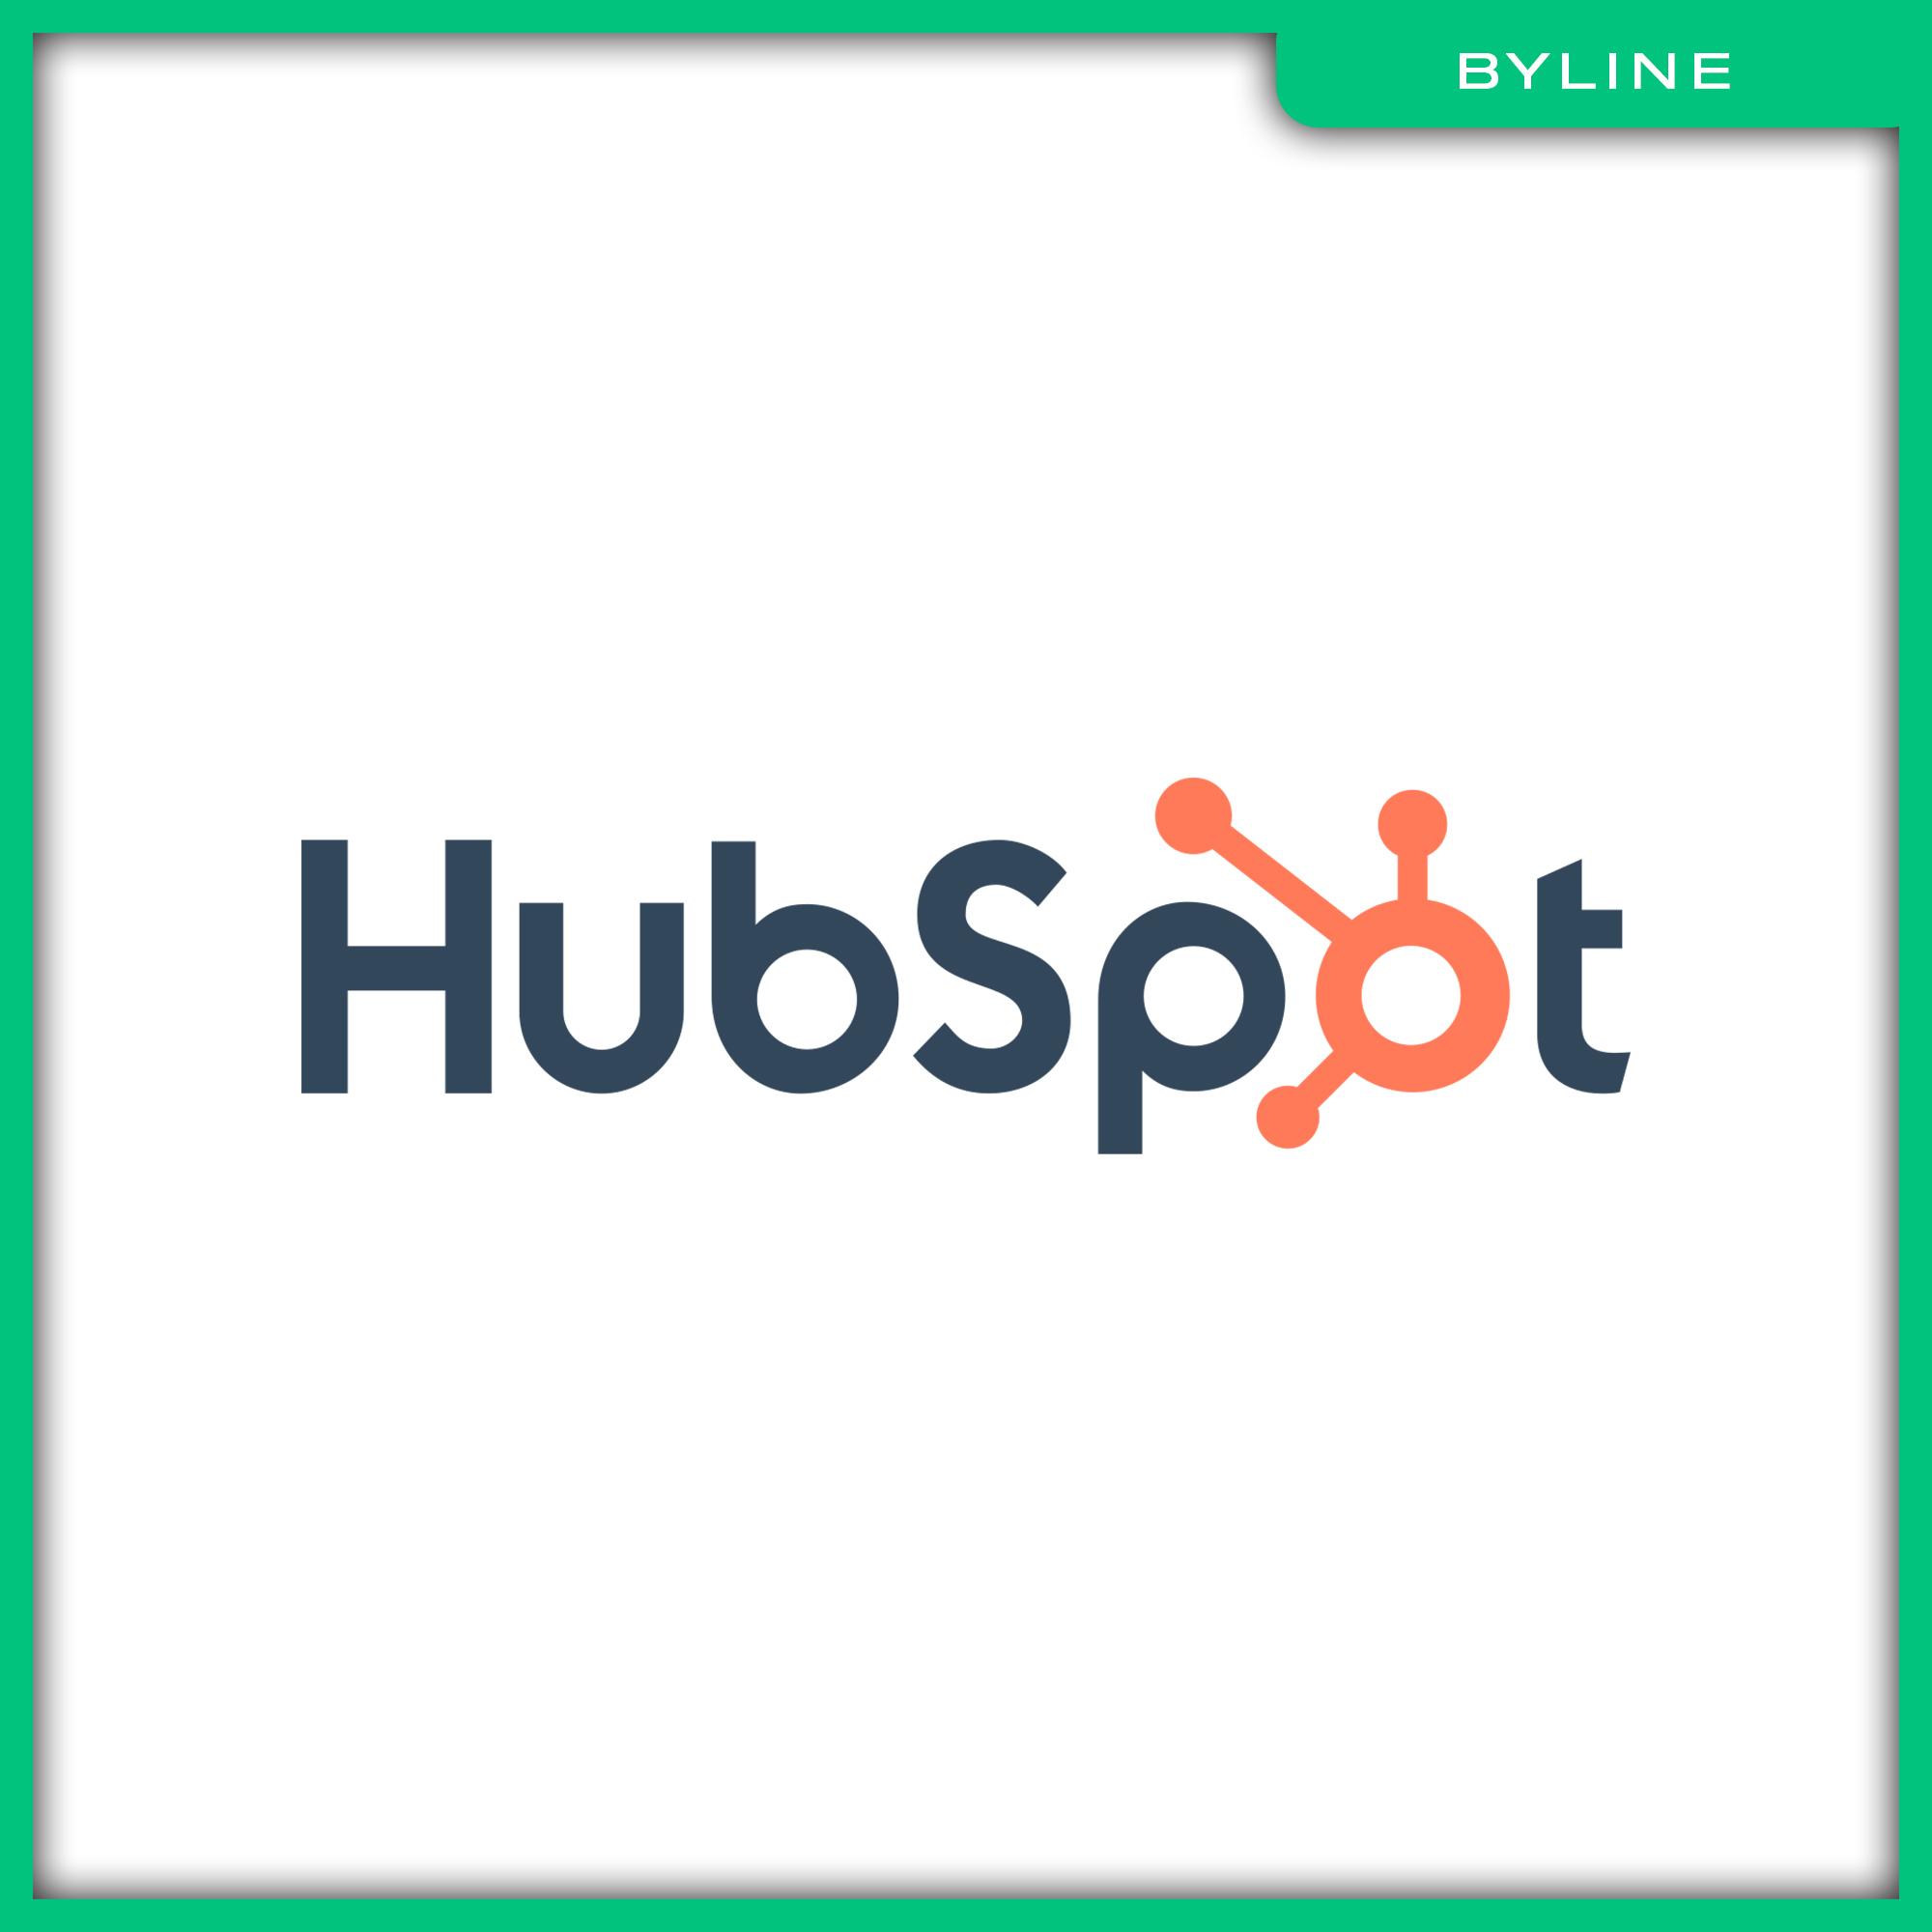 02hubspot